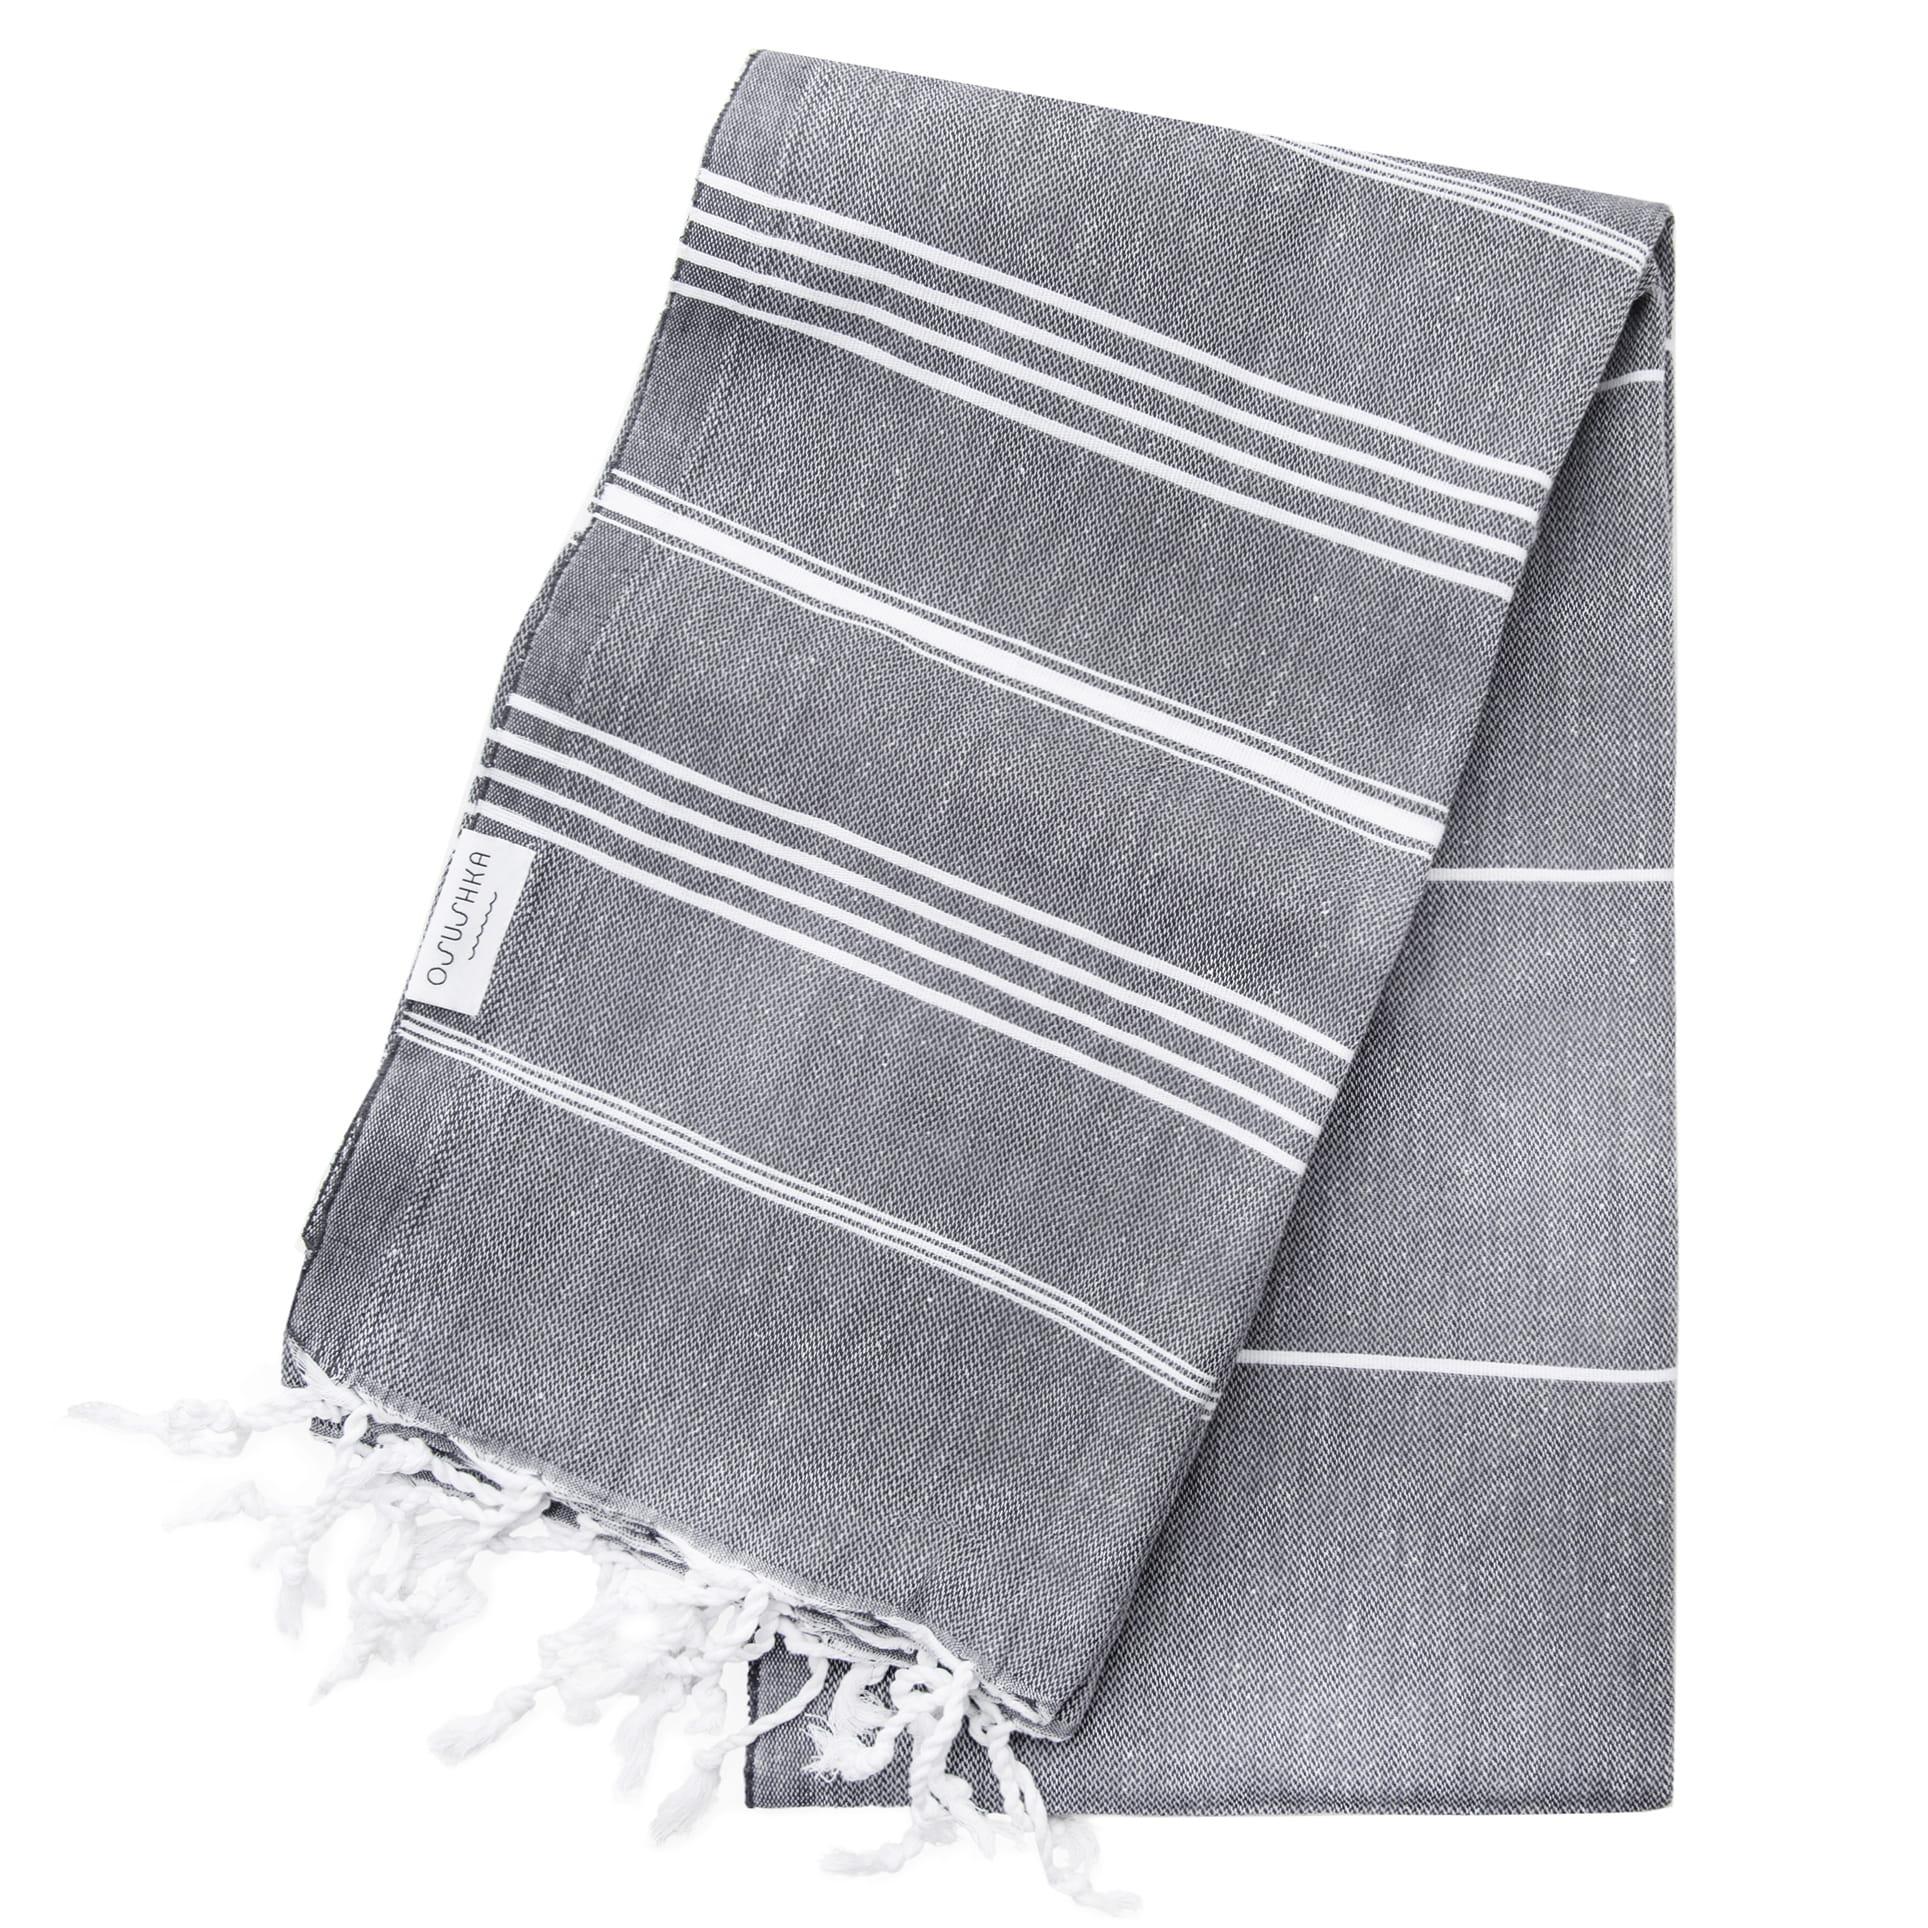 Osushka Wielofunkcyjny ręcznik turecki 100% bawełna Olandia